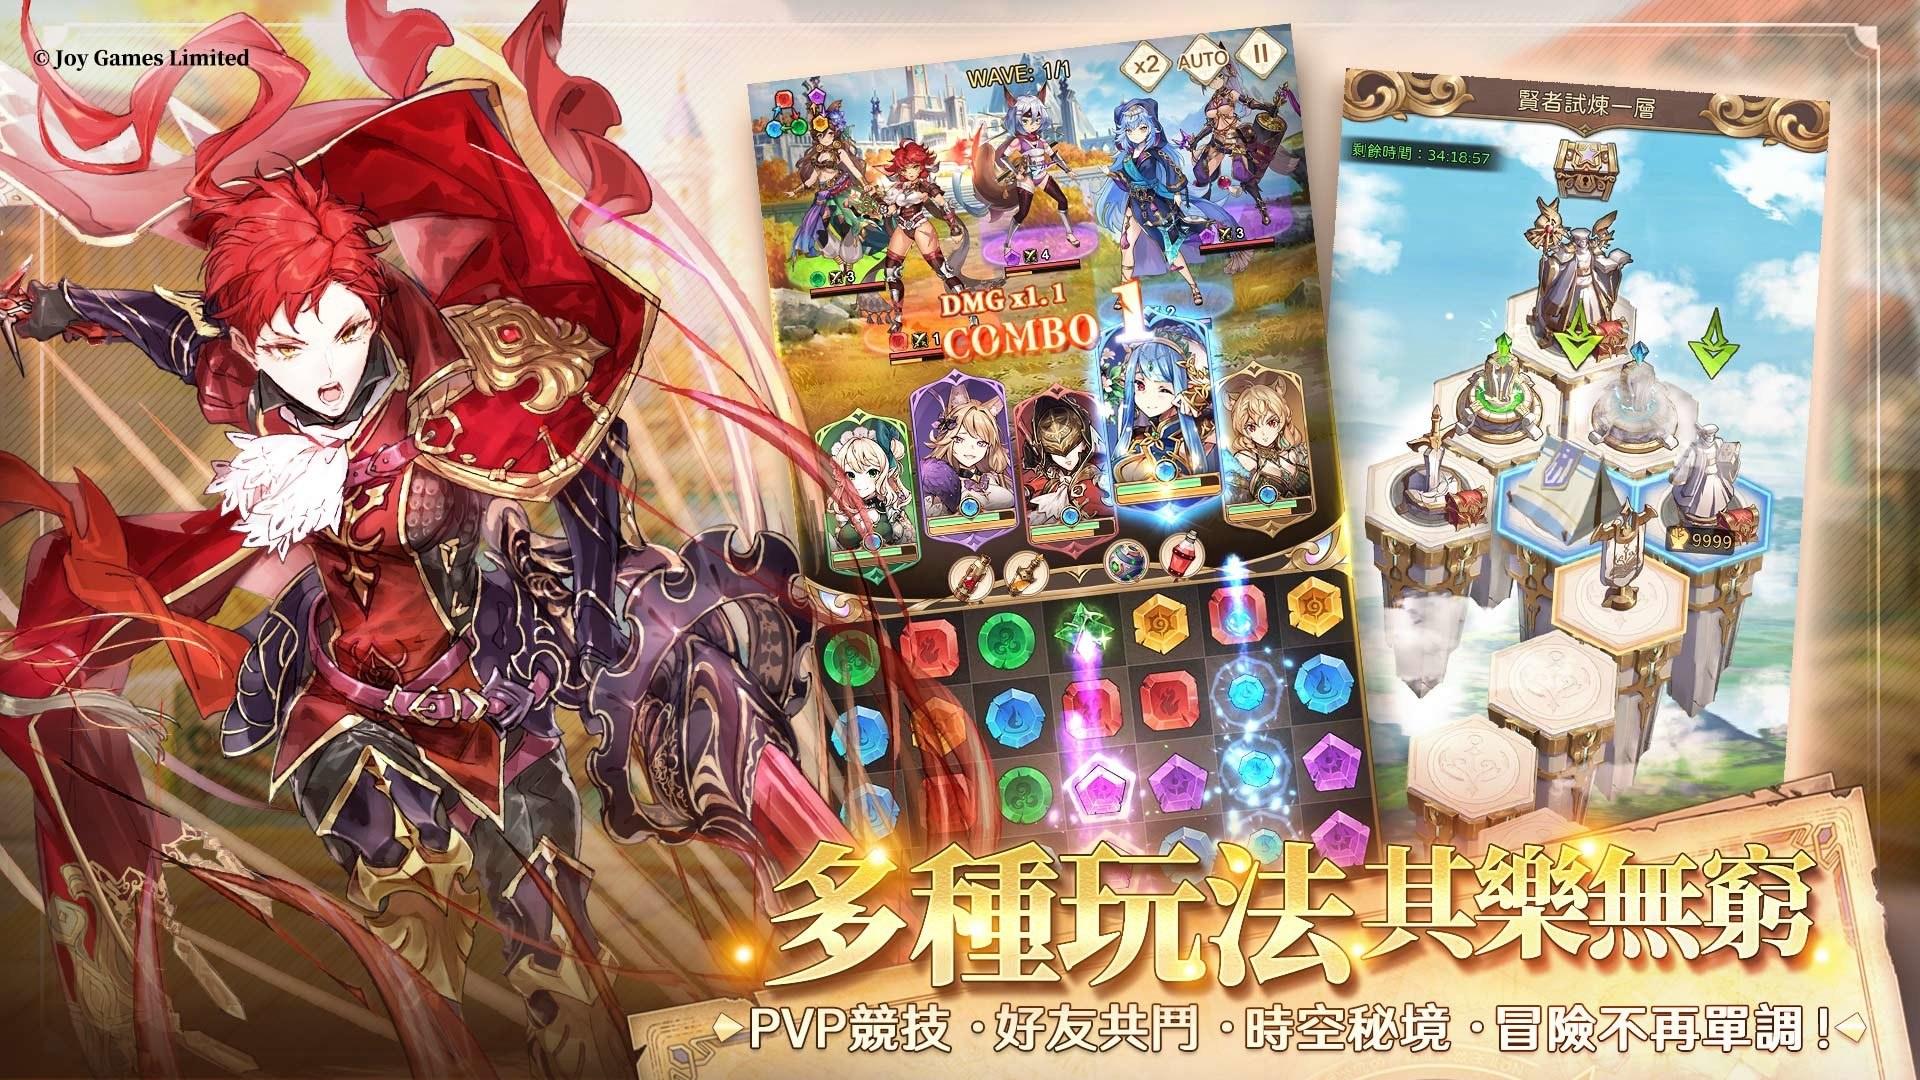 《因格瑪的預言:Puzzle & Tales》開放商城事前事前登錄!